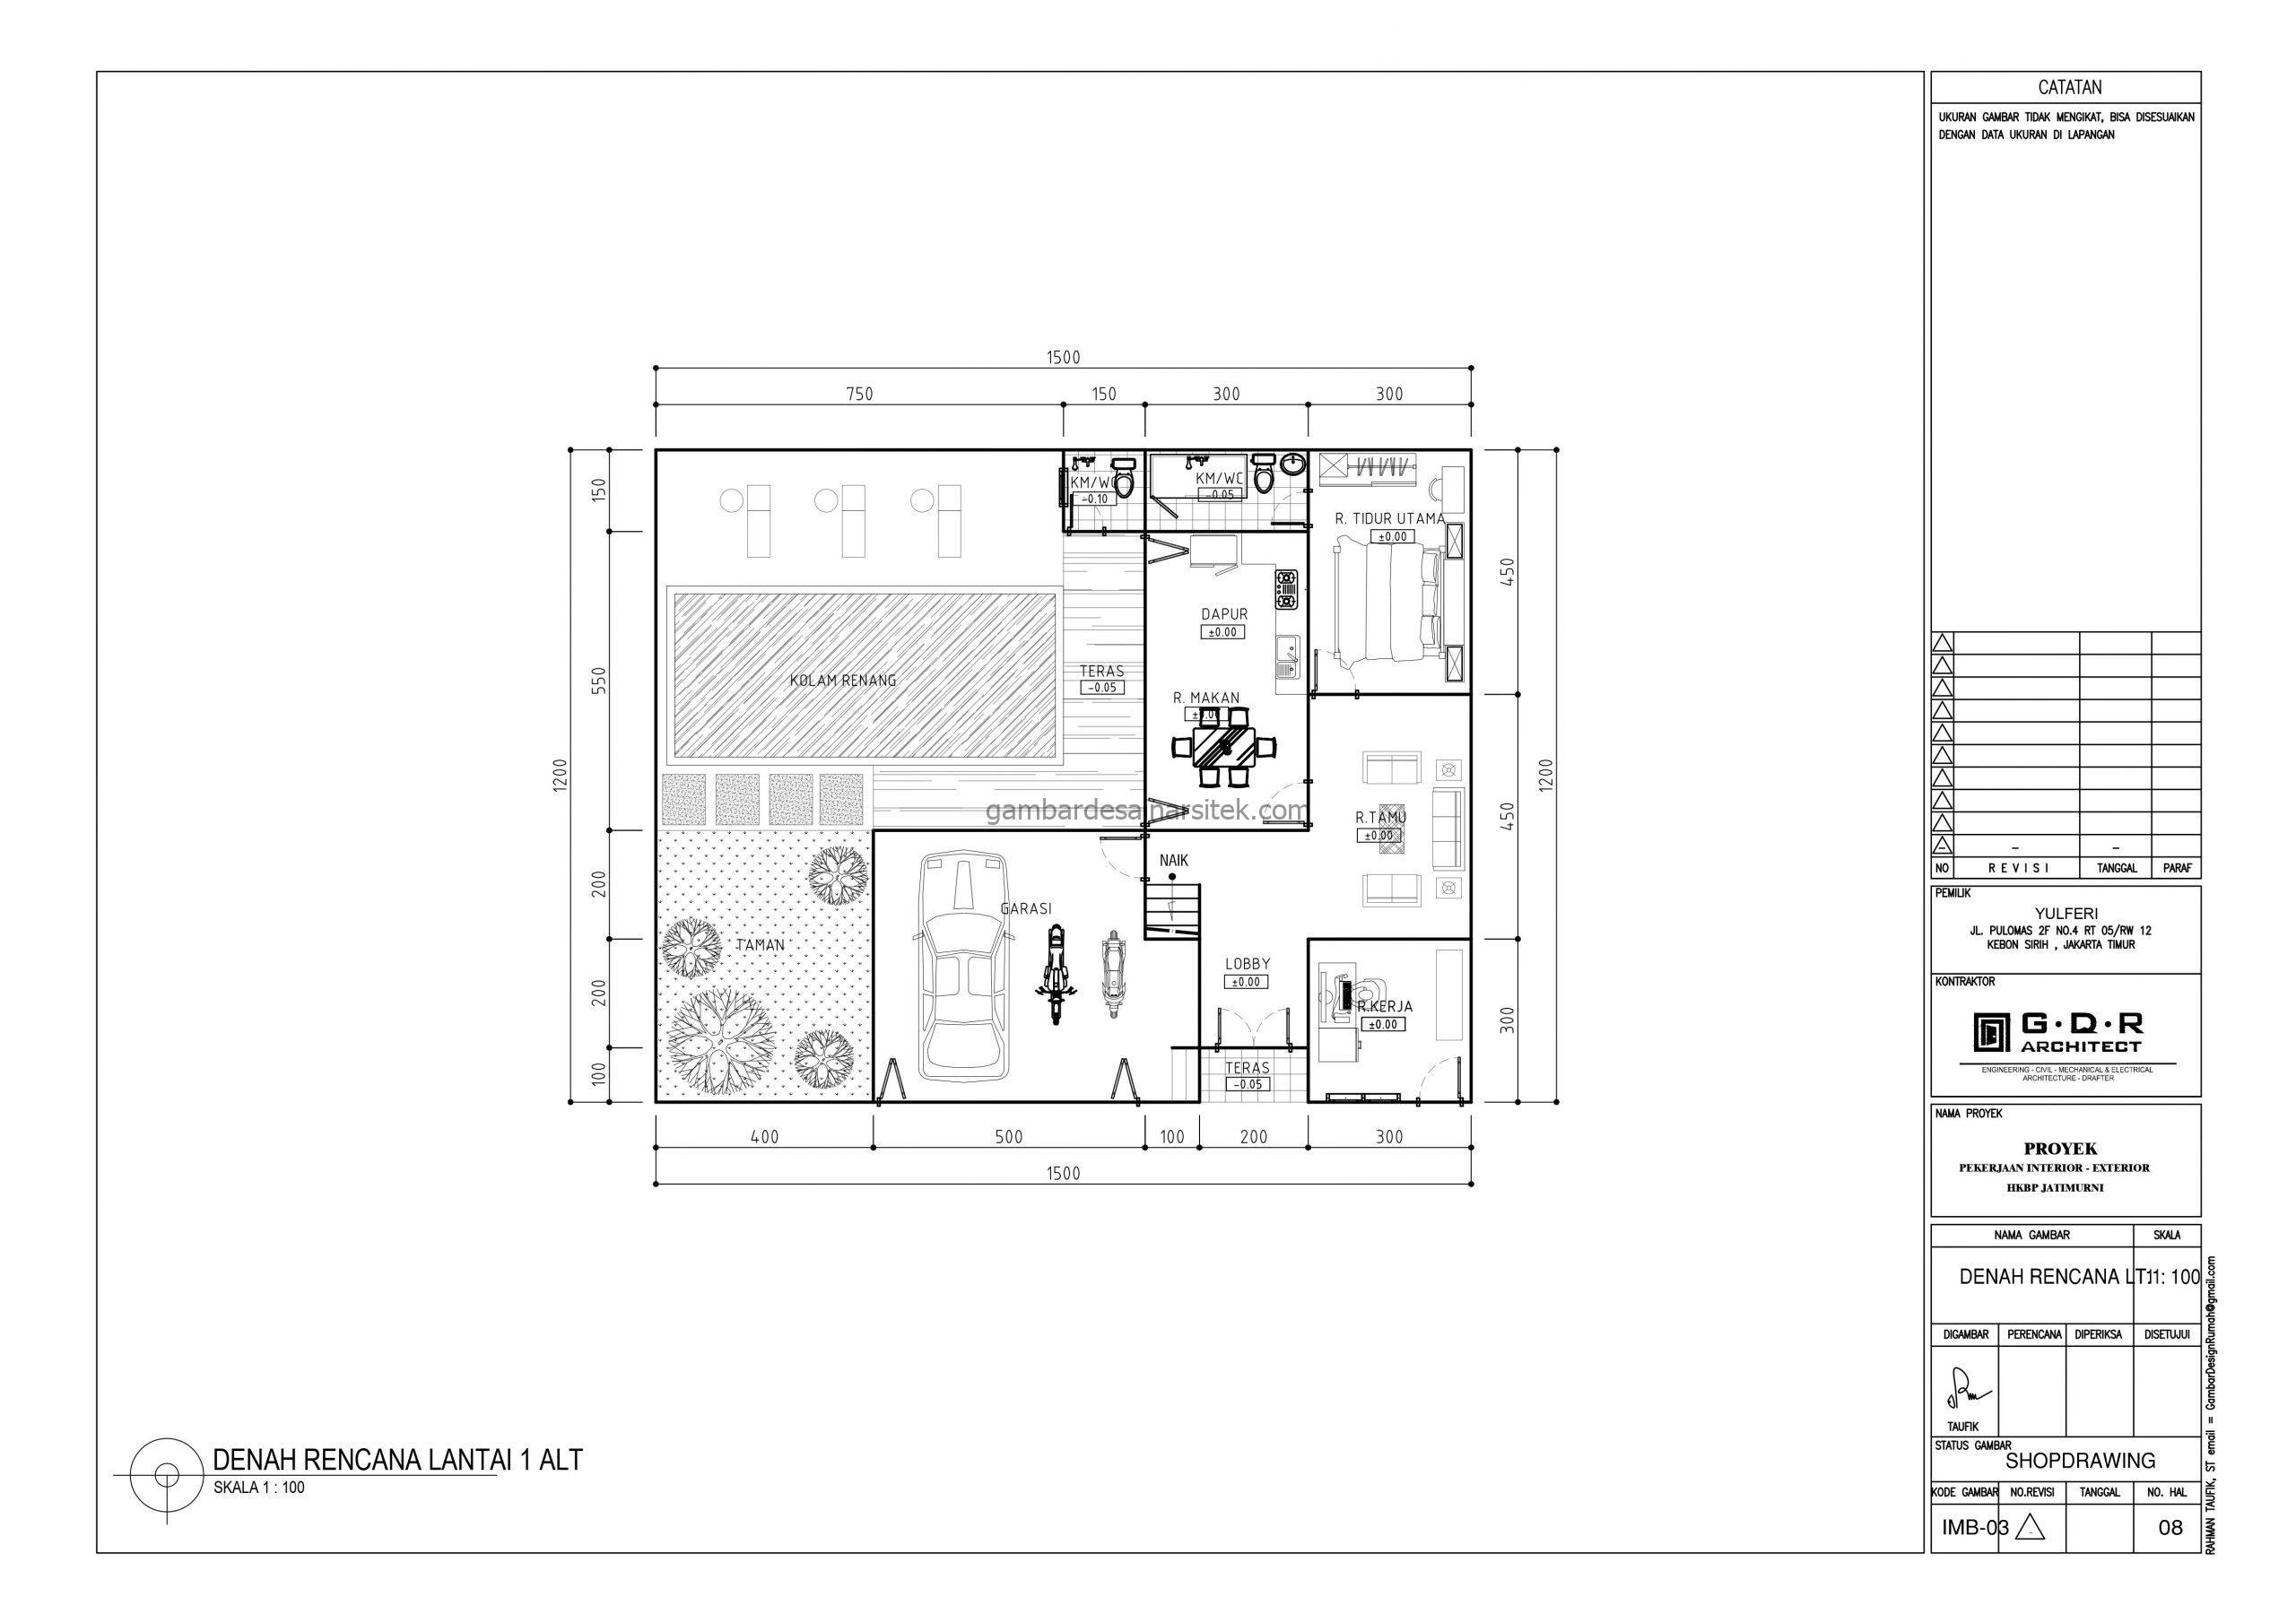 Denah Rumah 2 Lantai 15x12 dengan Kolam Renang 1 scaled